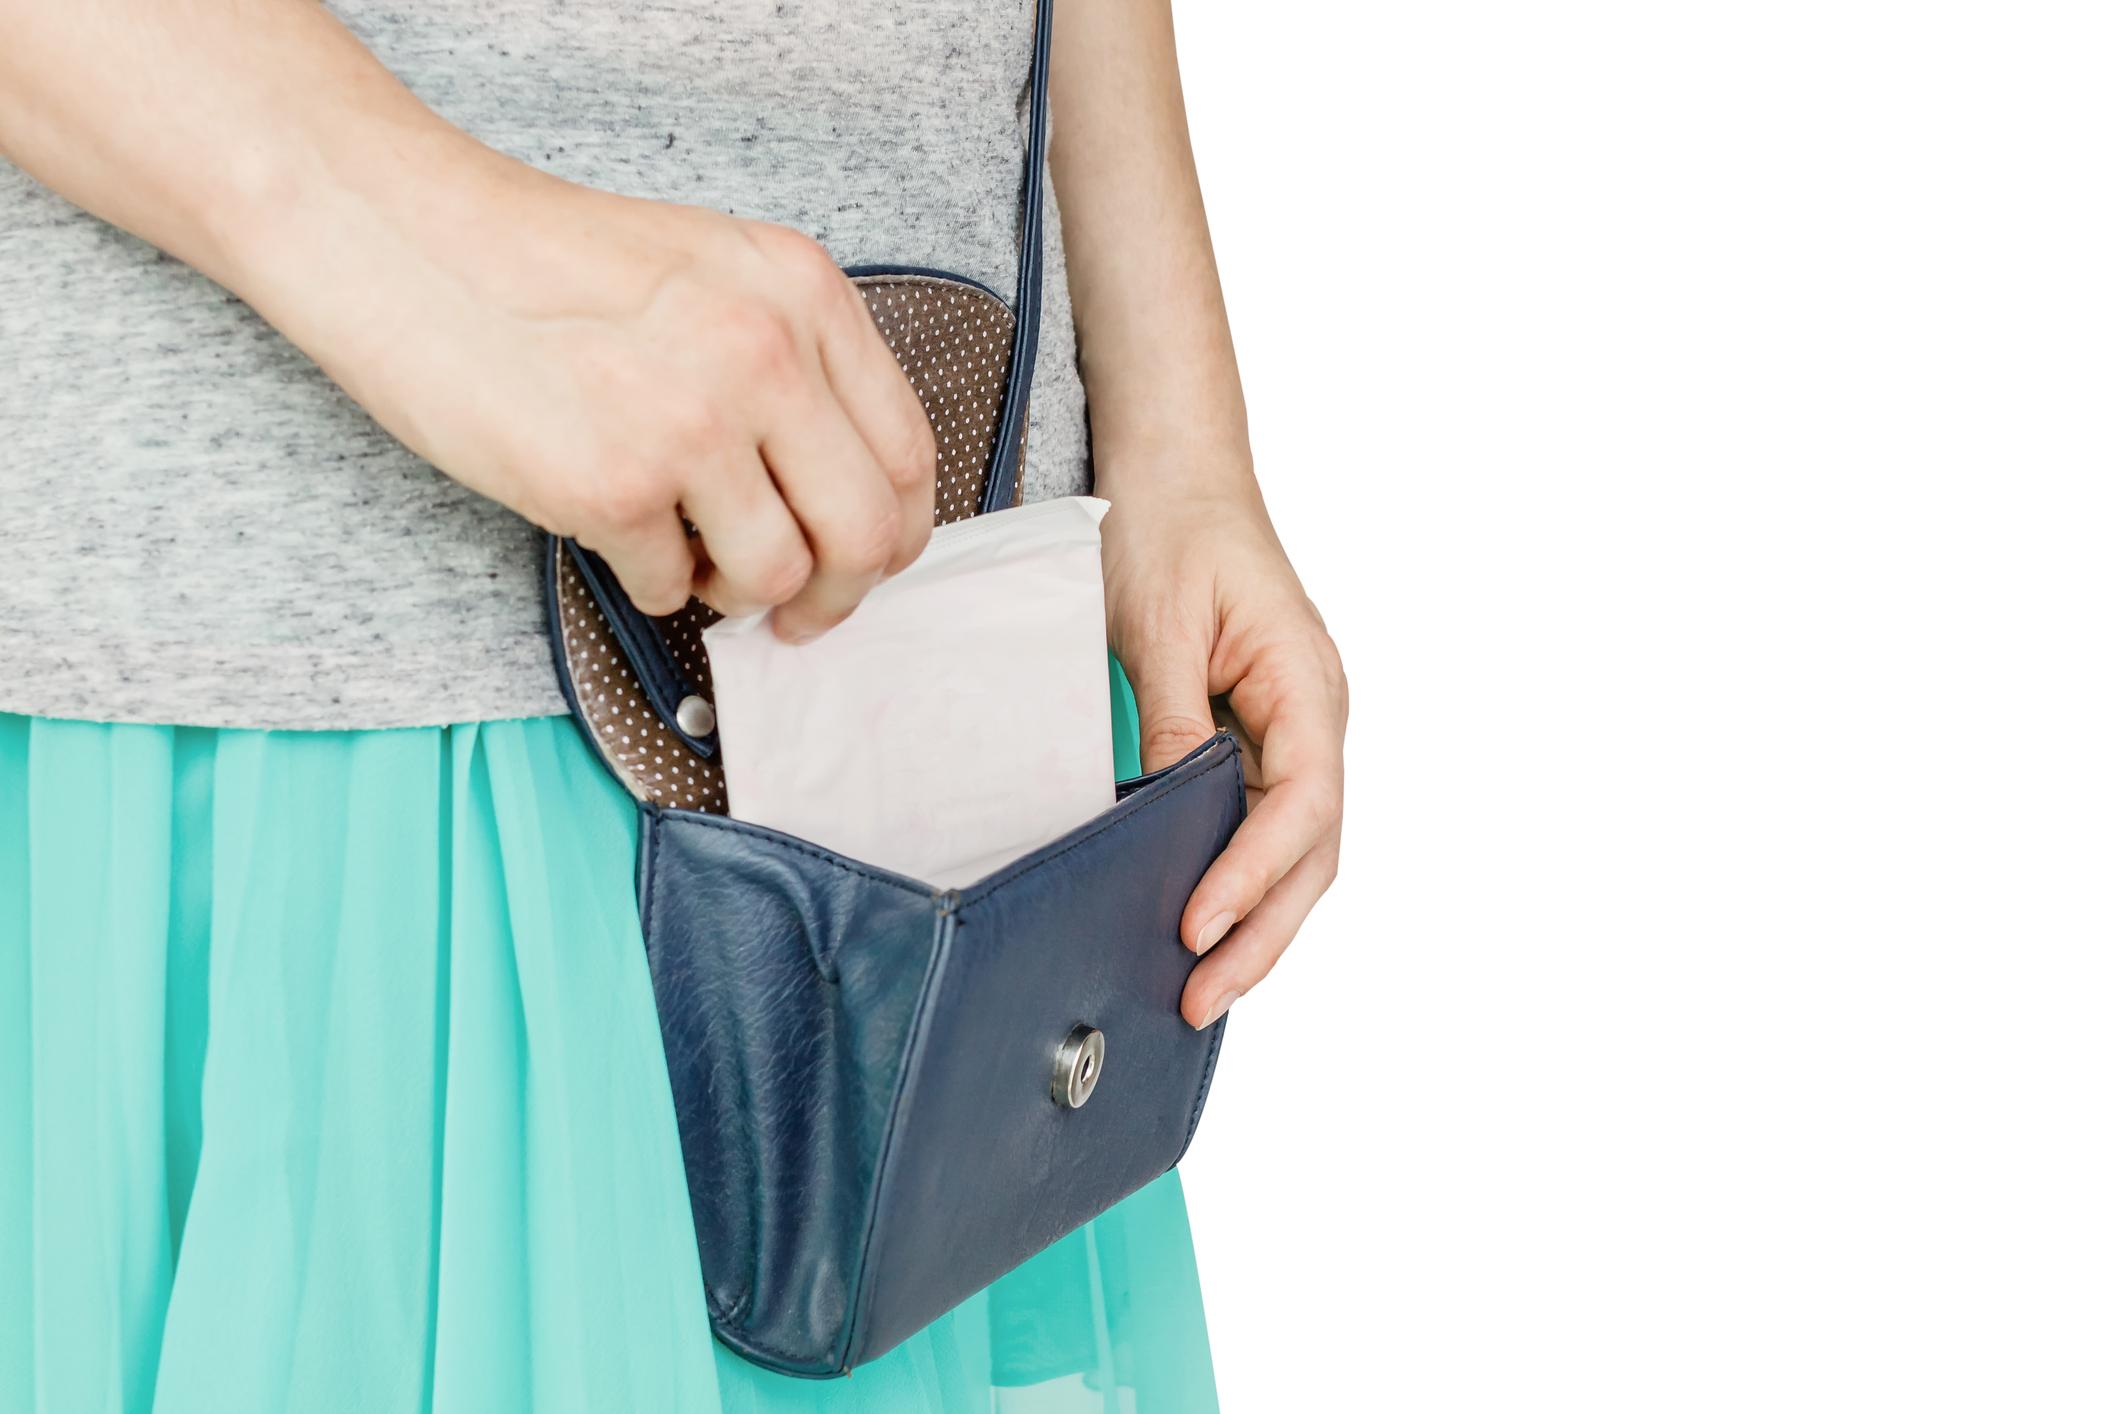 Опаковка от дамска превръзка чудесно крие плик с пари.